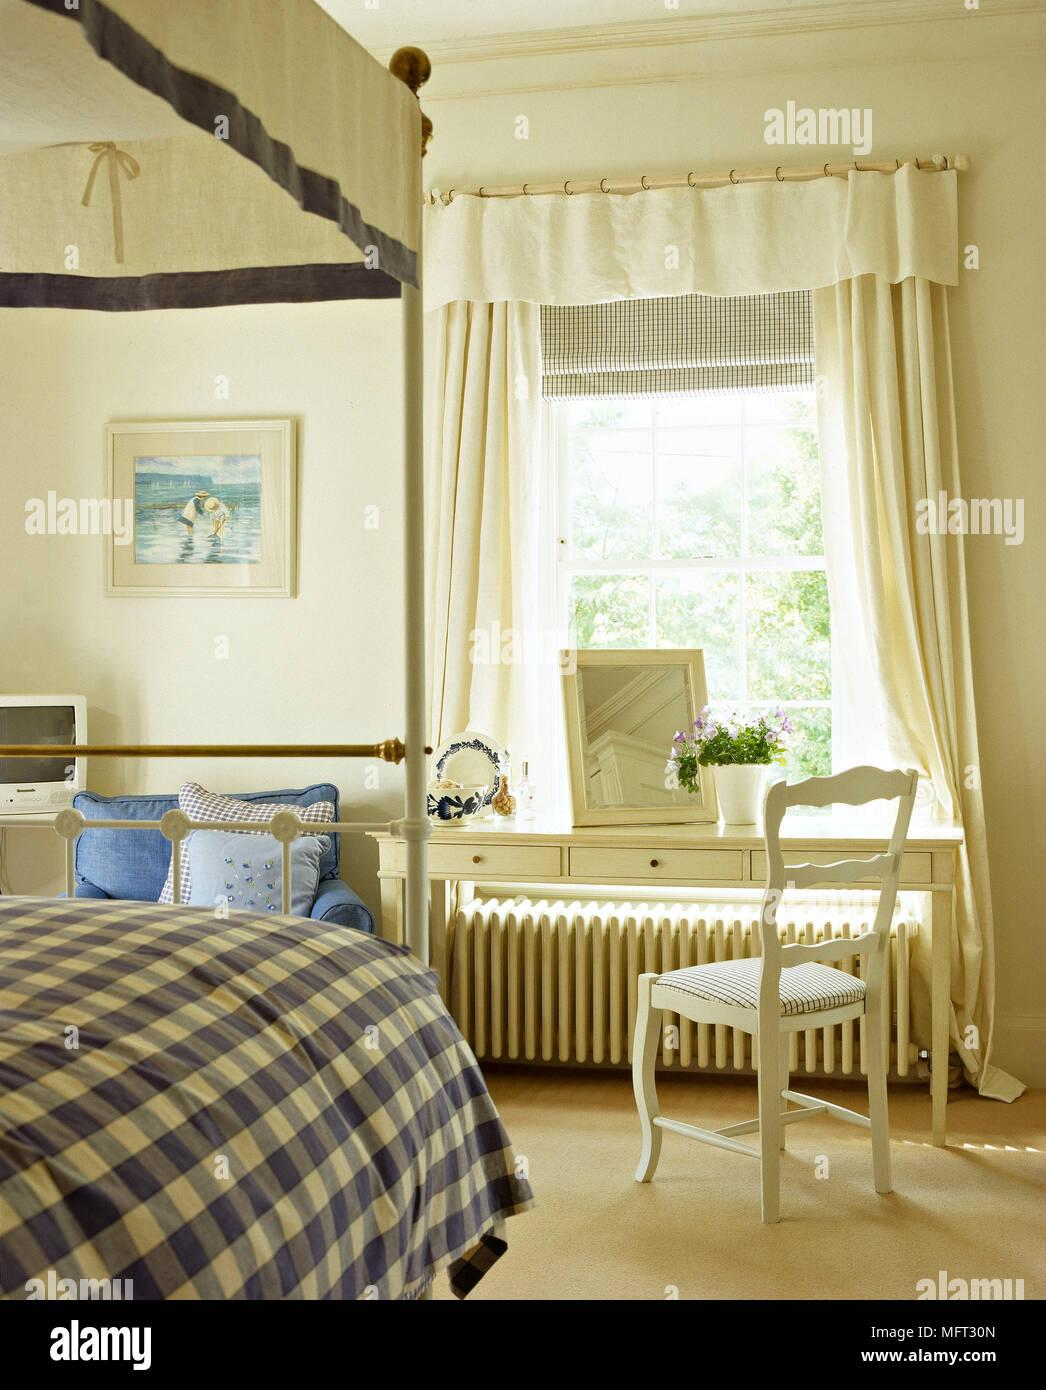 https://c8.alamy.com/compit/mft30n/camera-da-letto-tradizionale-ottone-dettaglio-letto-a-baldacchino-baldacchino-in-legno-bianco-toeletta-sedia-tende-interni-camere-da-letto-letti-paese-scandinavo-nordic-mft30n.jpg